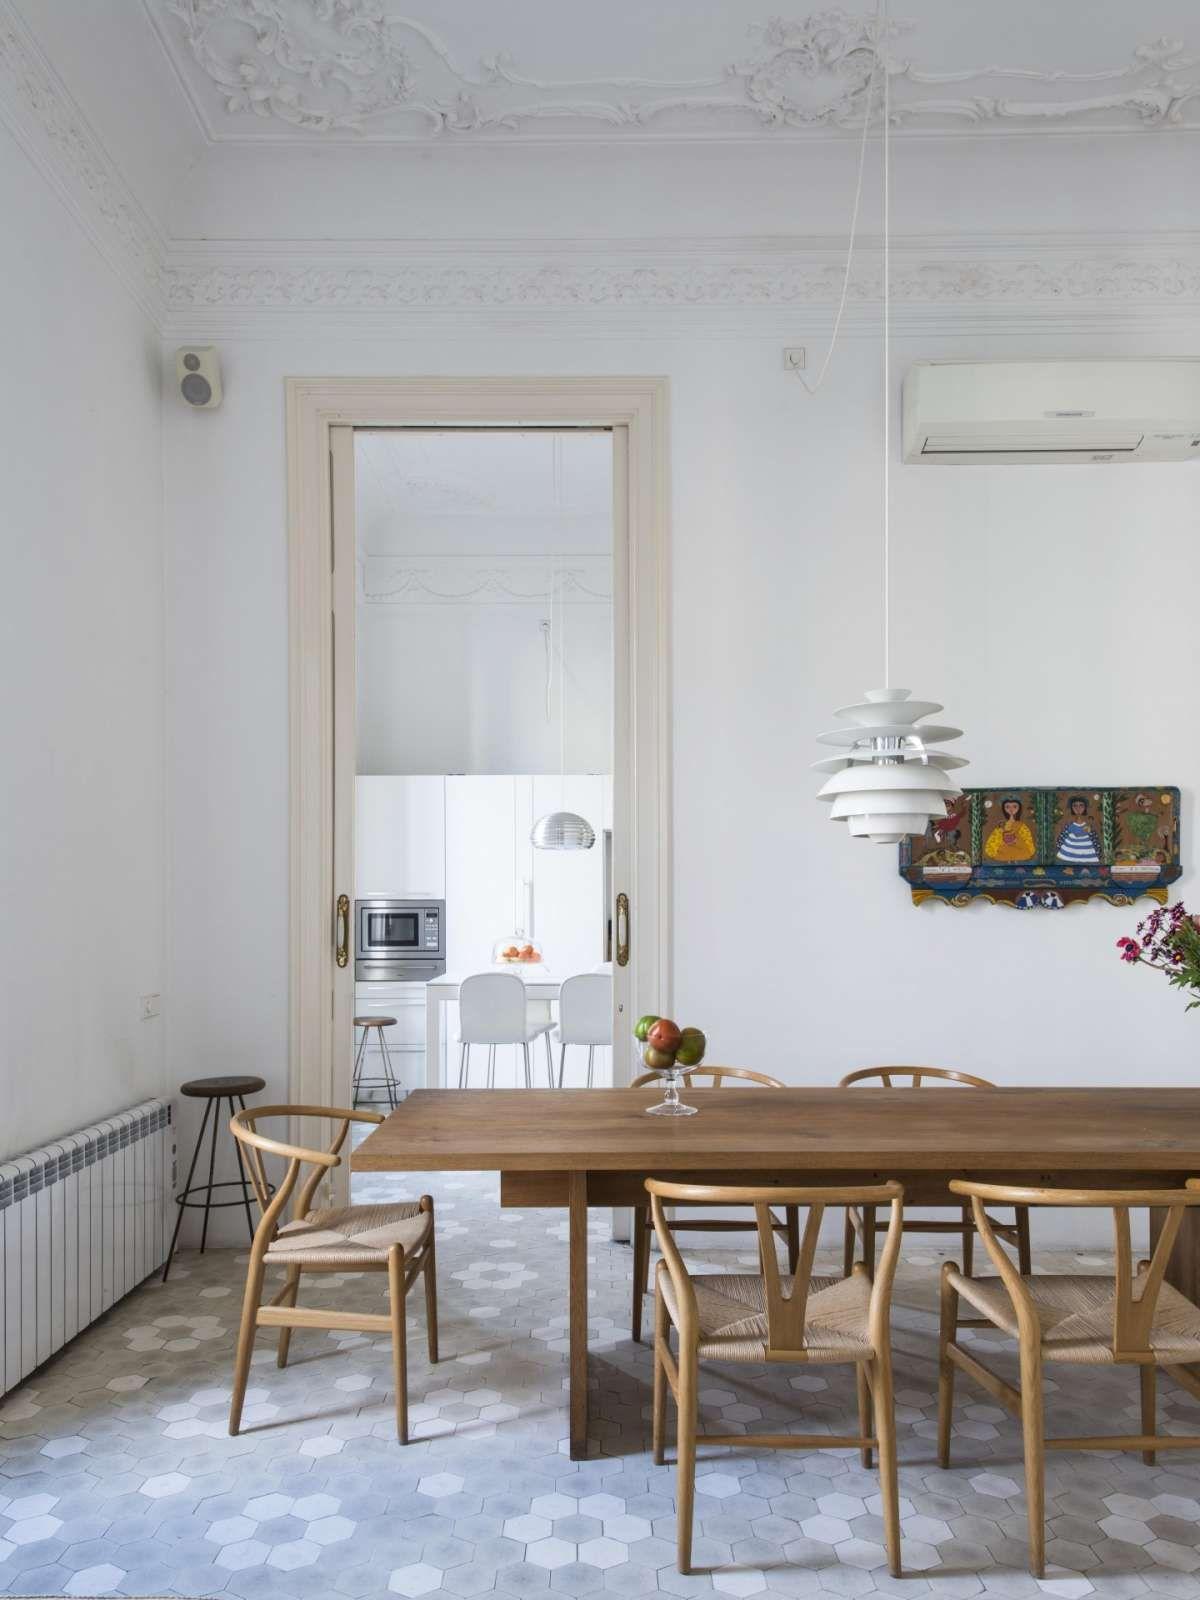 Arredare con mobili antichi e moderni | Arredamento, Idee ...